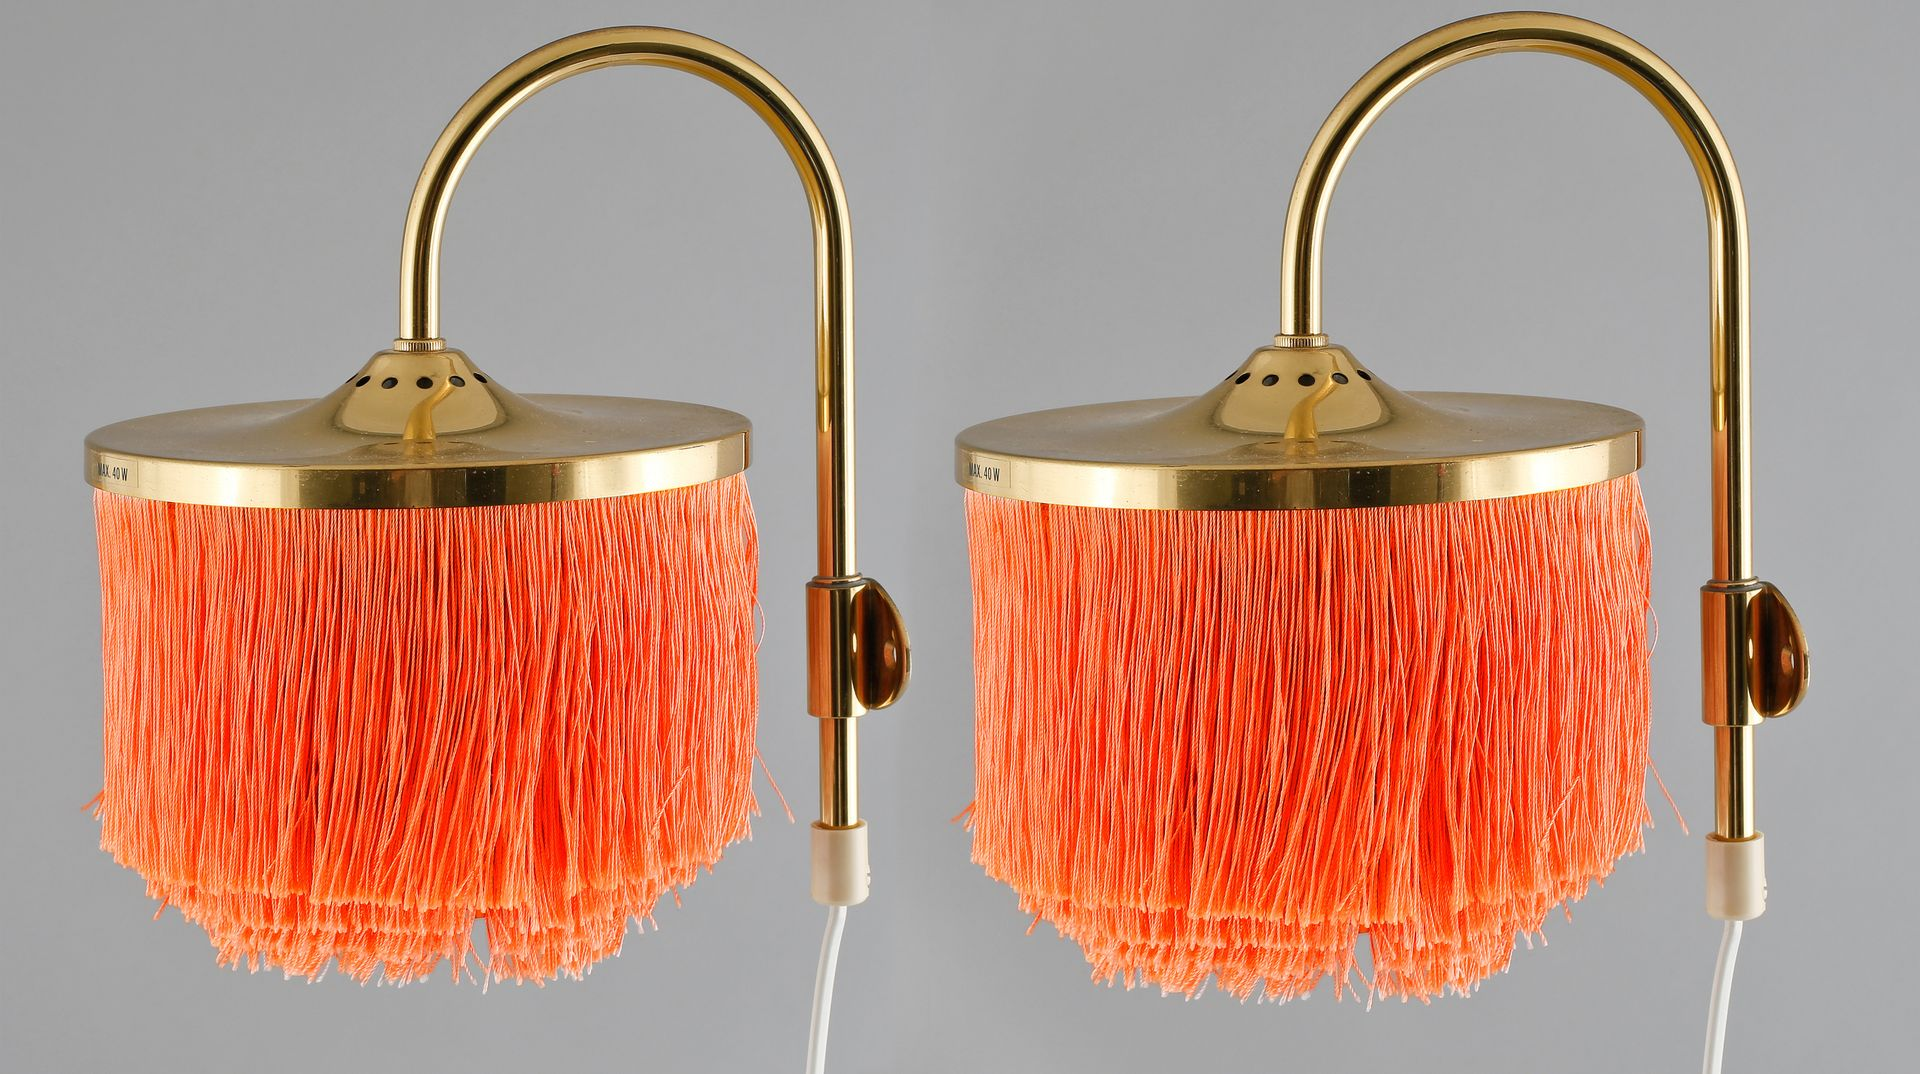 v271 wandlampen mit fransen von hans agne jakobsson f r hans agne jakobsson ab markaryd 1960er. Black Bedroom Furniture Sets. Home Design Ideas